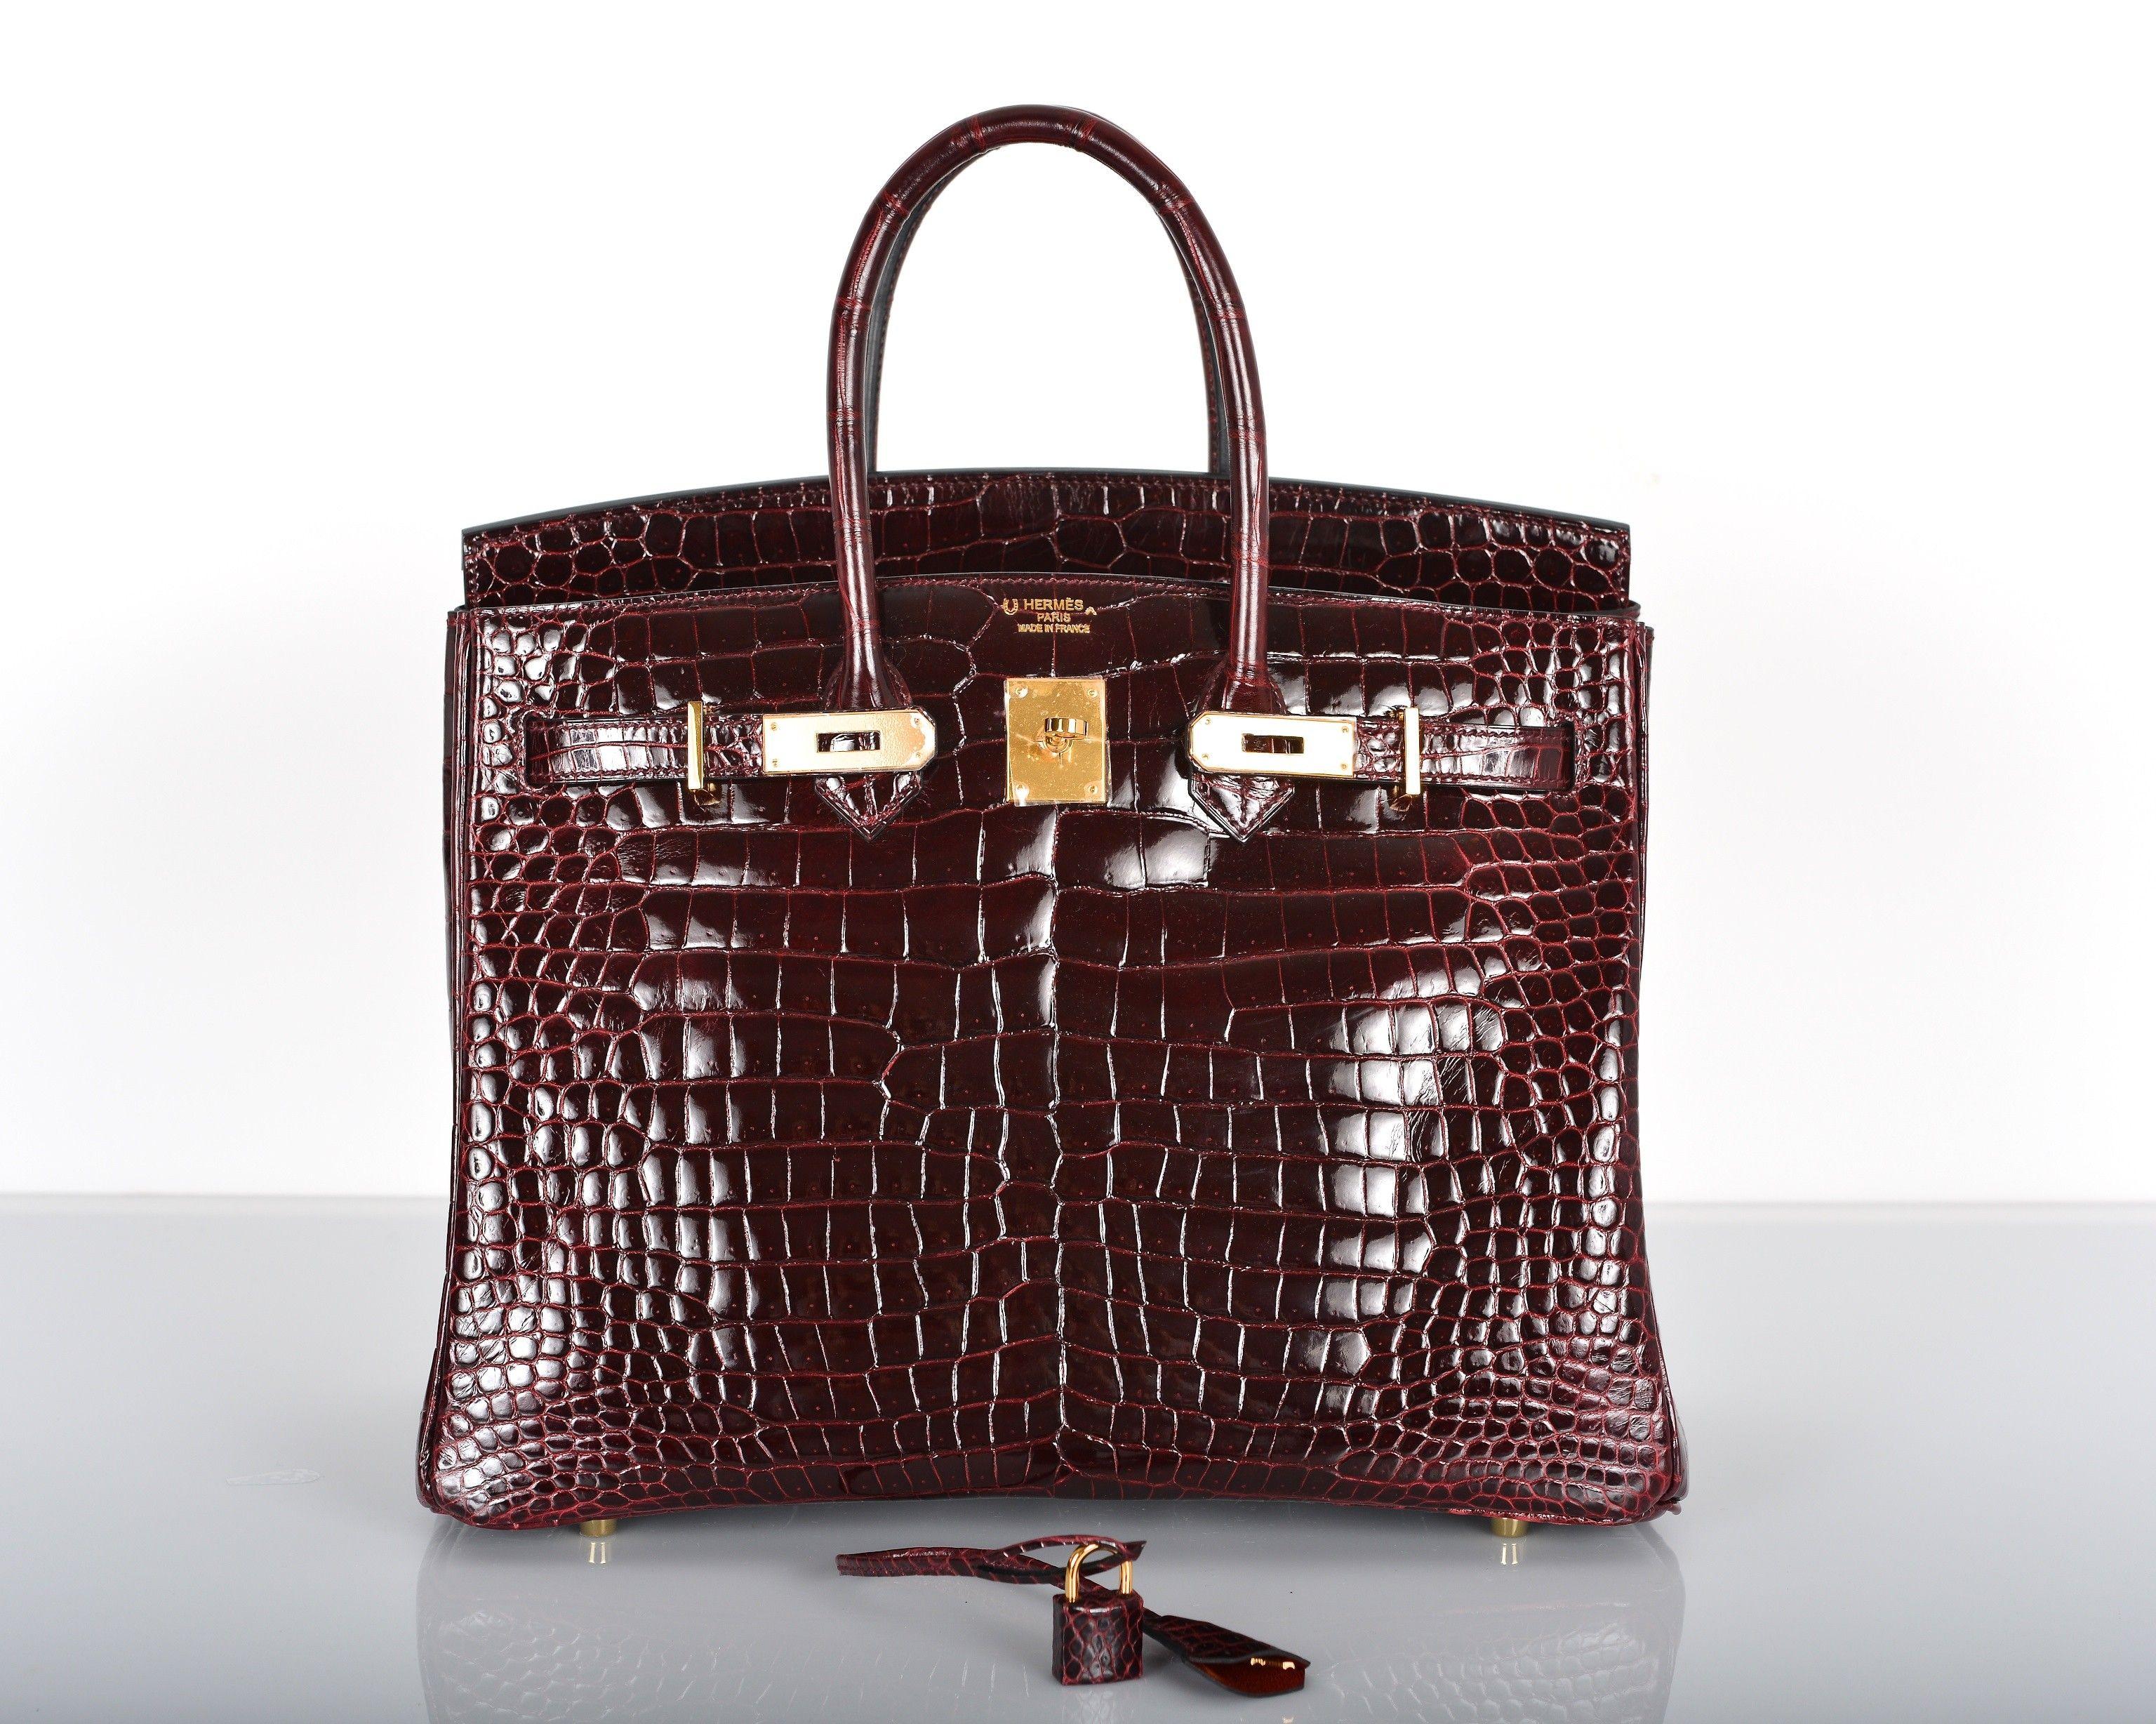 Designer Handbag Consignment